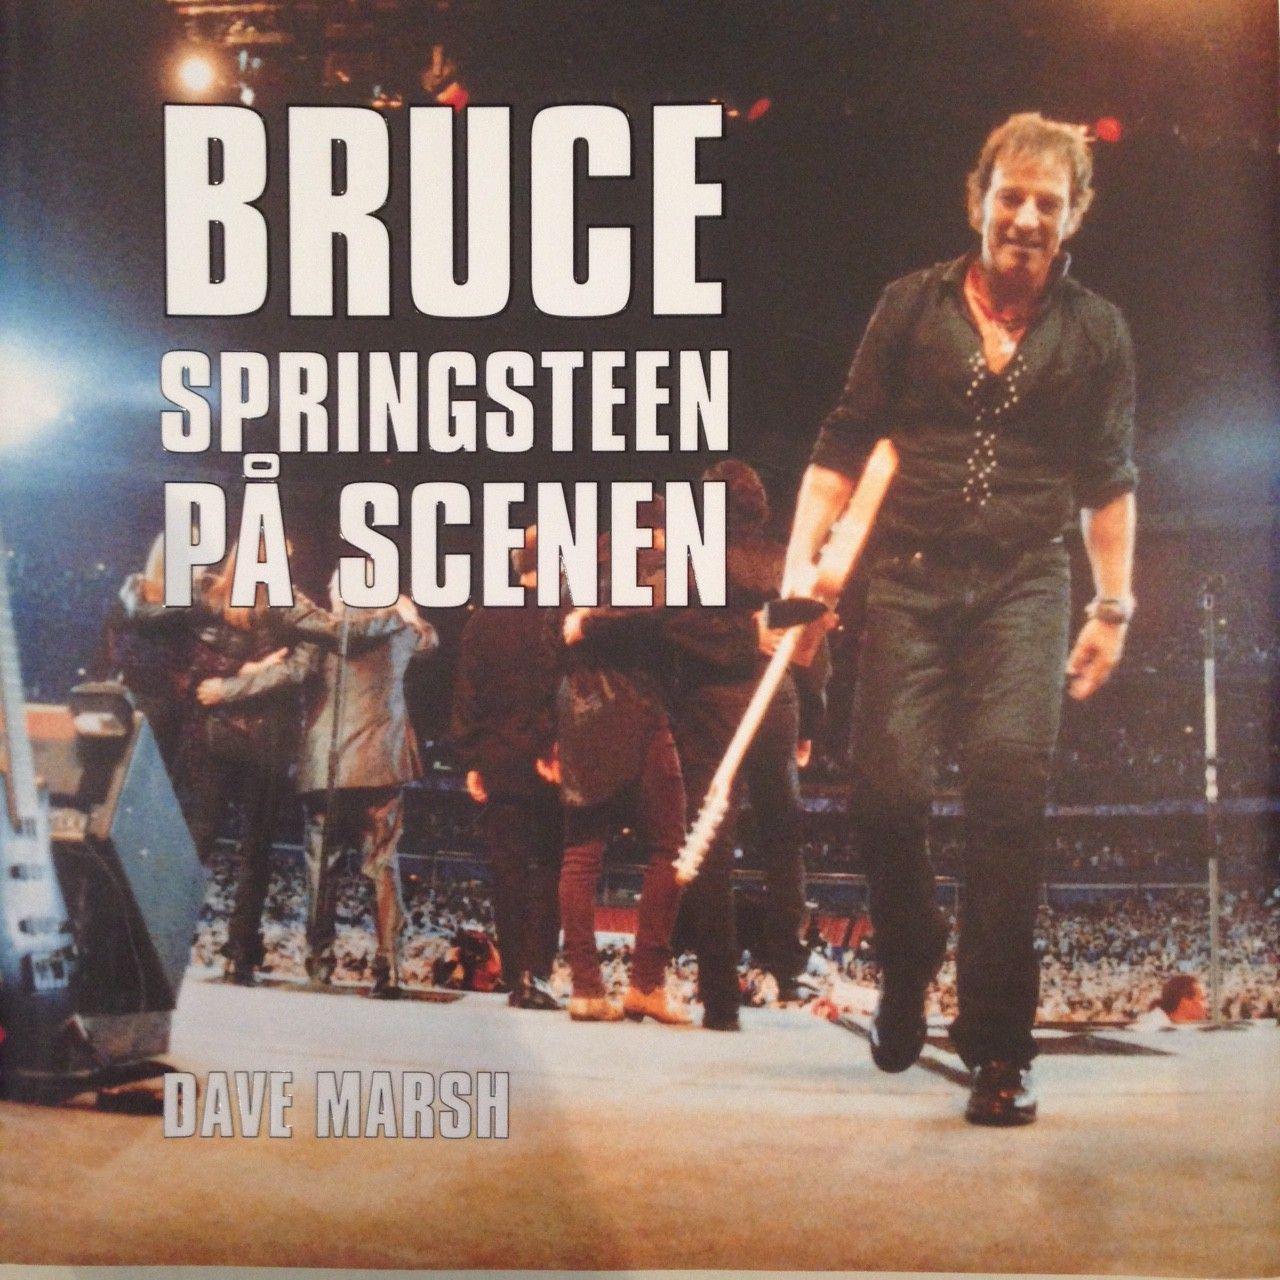 Bruce Springsteen bøker: Born to Run, Point Blank, På Scenen - Oslo  - Bruce Springsteen - Point Blank (biografi 1998, engelsk) - av Christopher Sandford (innbundet) - NOK 100  Bruce Springsteen på scenen - Dave Marsh (norsk, ikke lest - som ny) - NOK 200  Bruce Springsteen - Born to Run  - Oslo